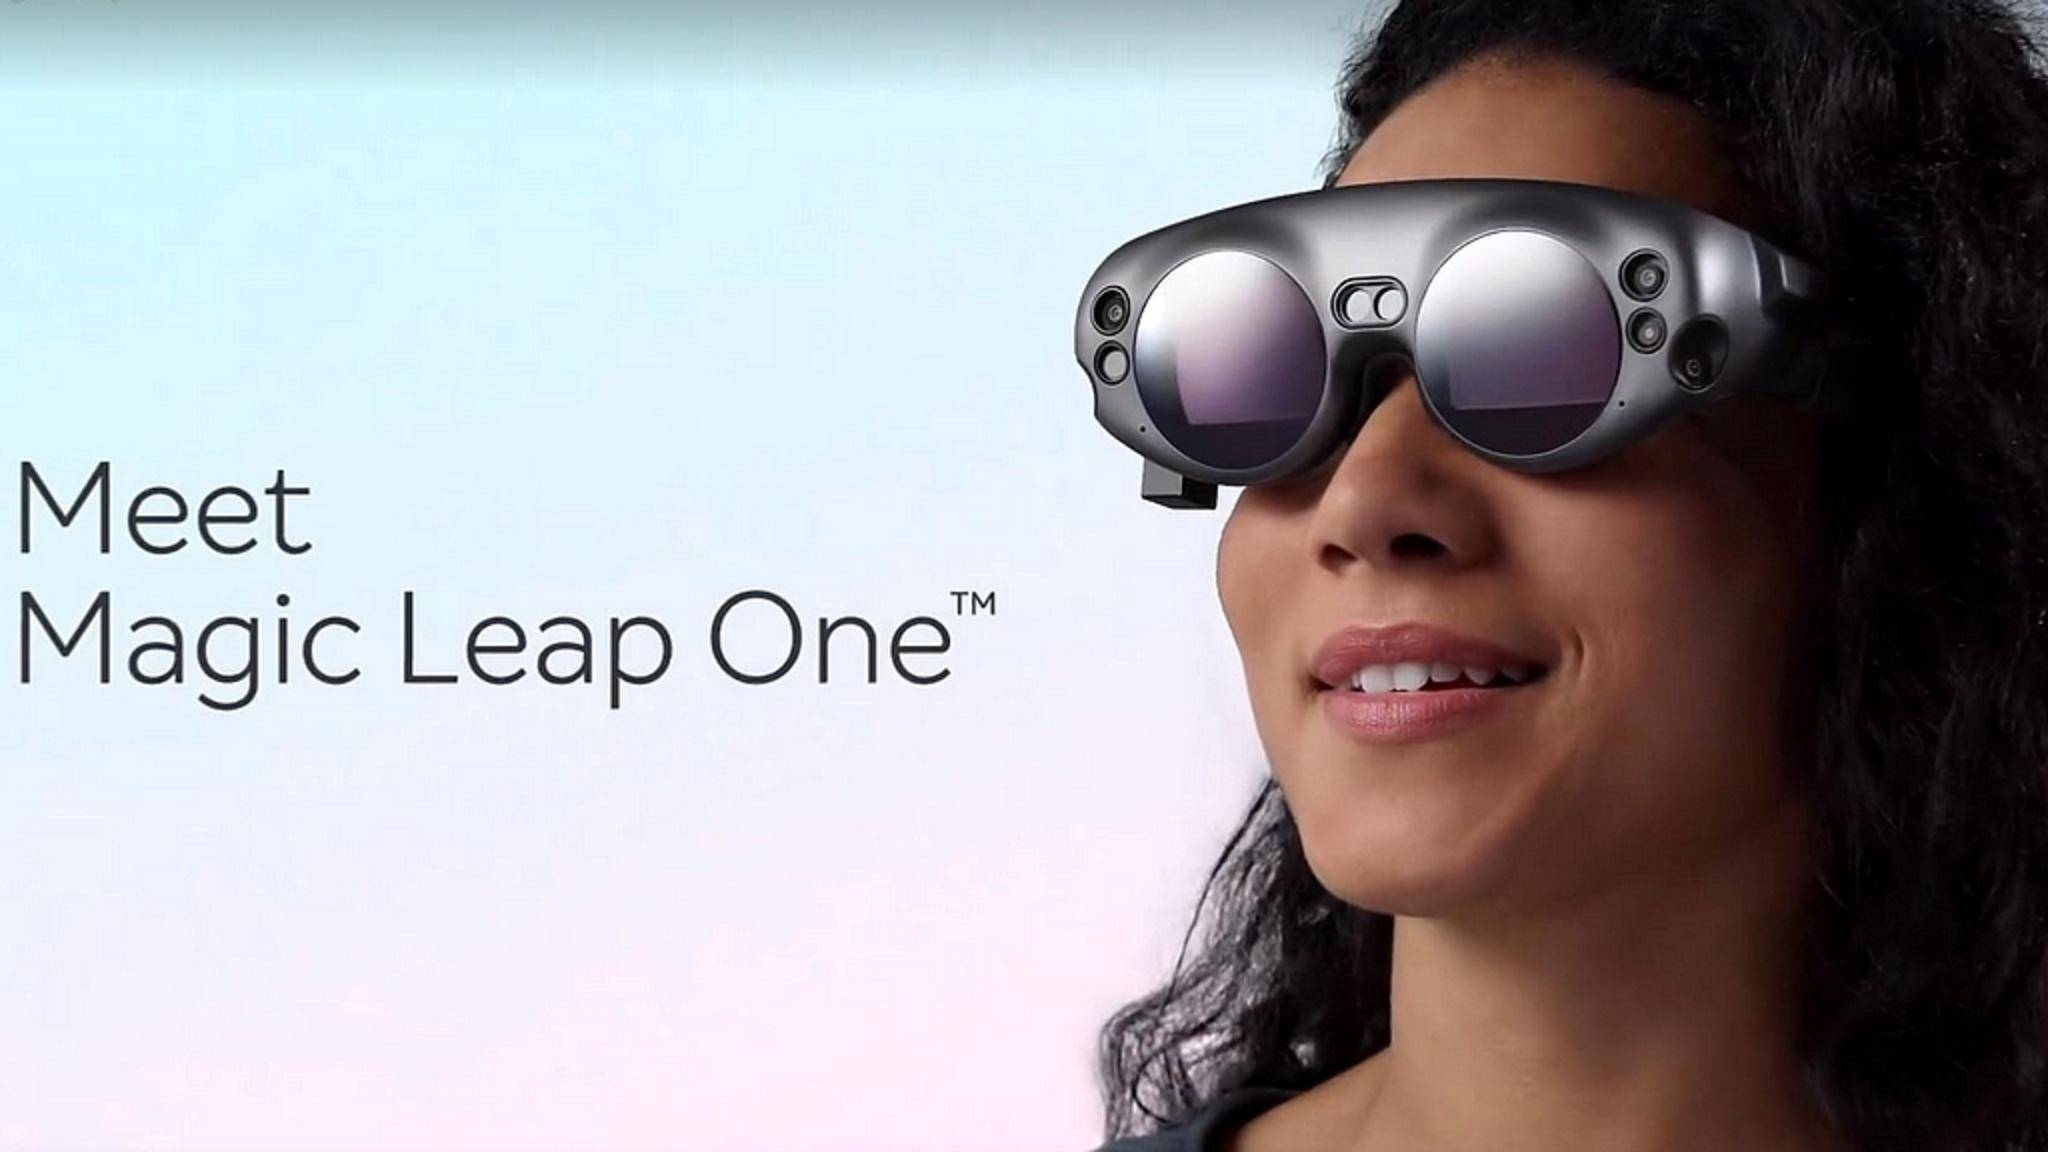 Die Magic Leap One soll 2018 erscheinen.